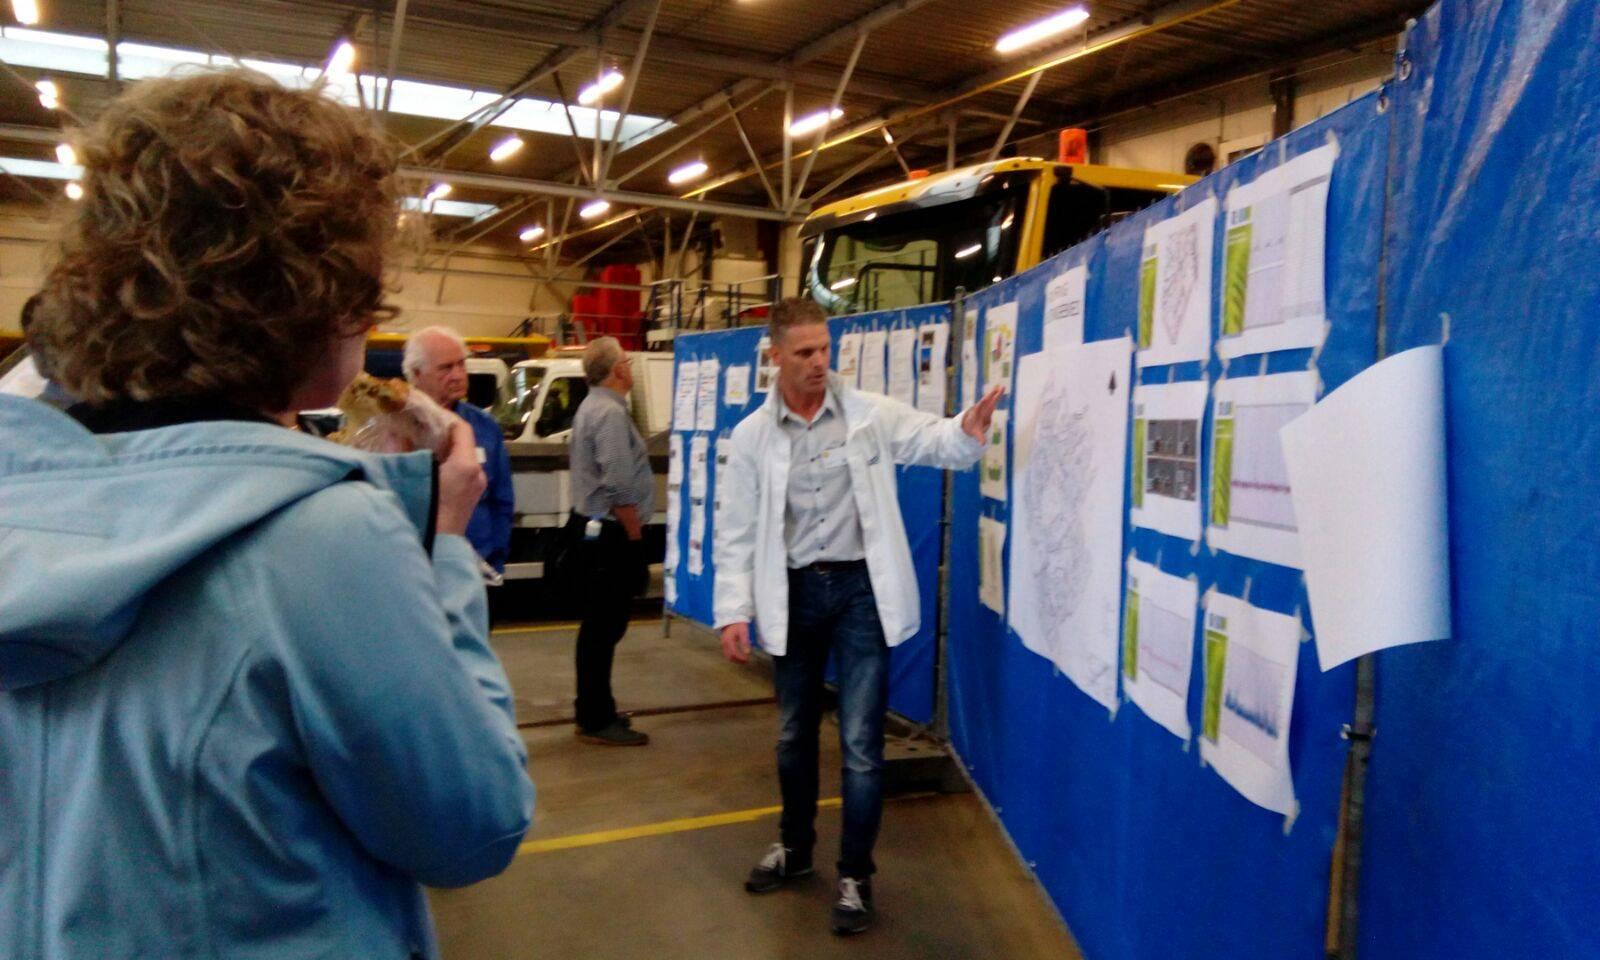 Uitleg over drukriolering